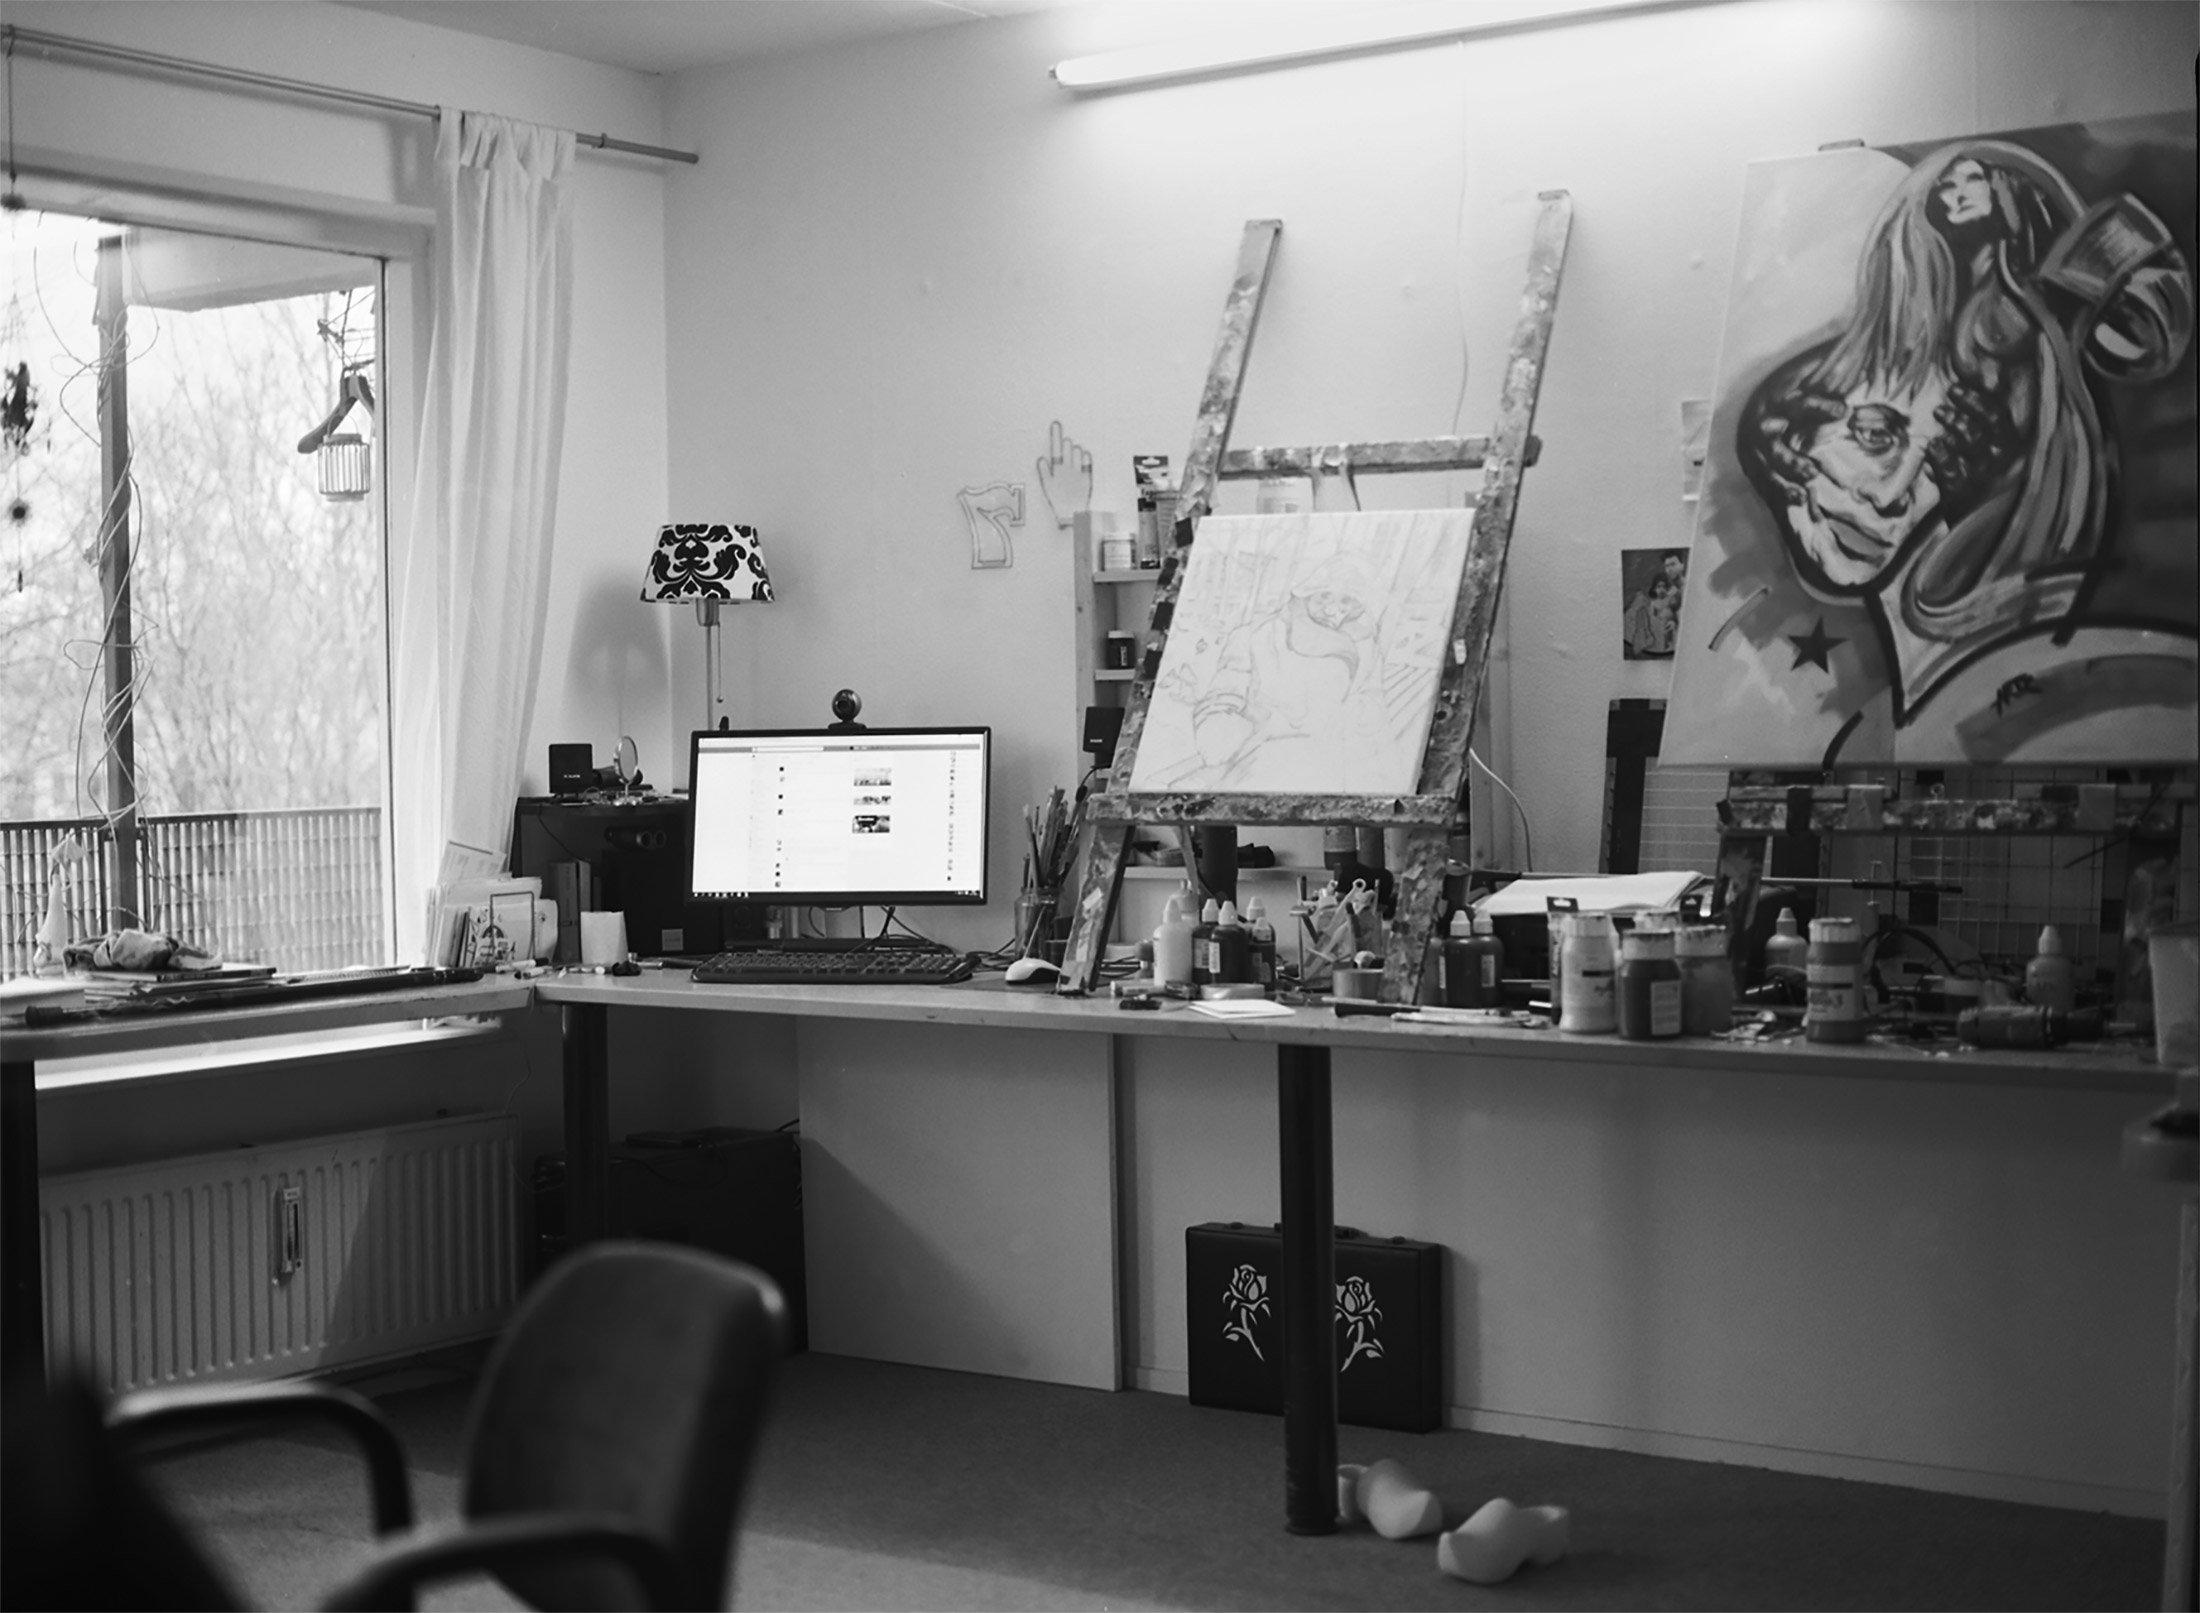 De woonkamer van Hanz / Hanz's living room